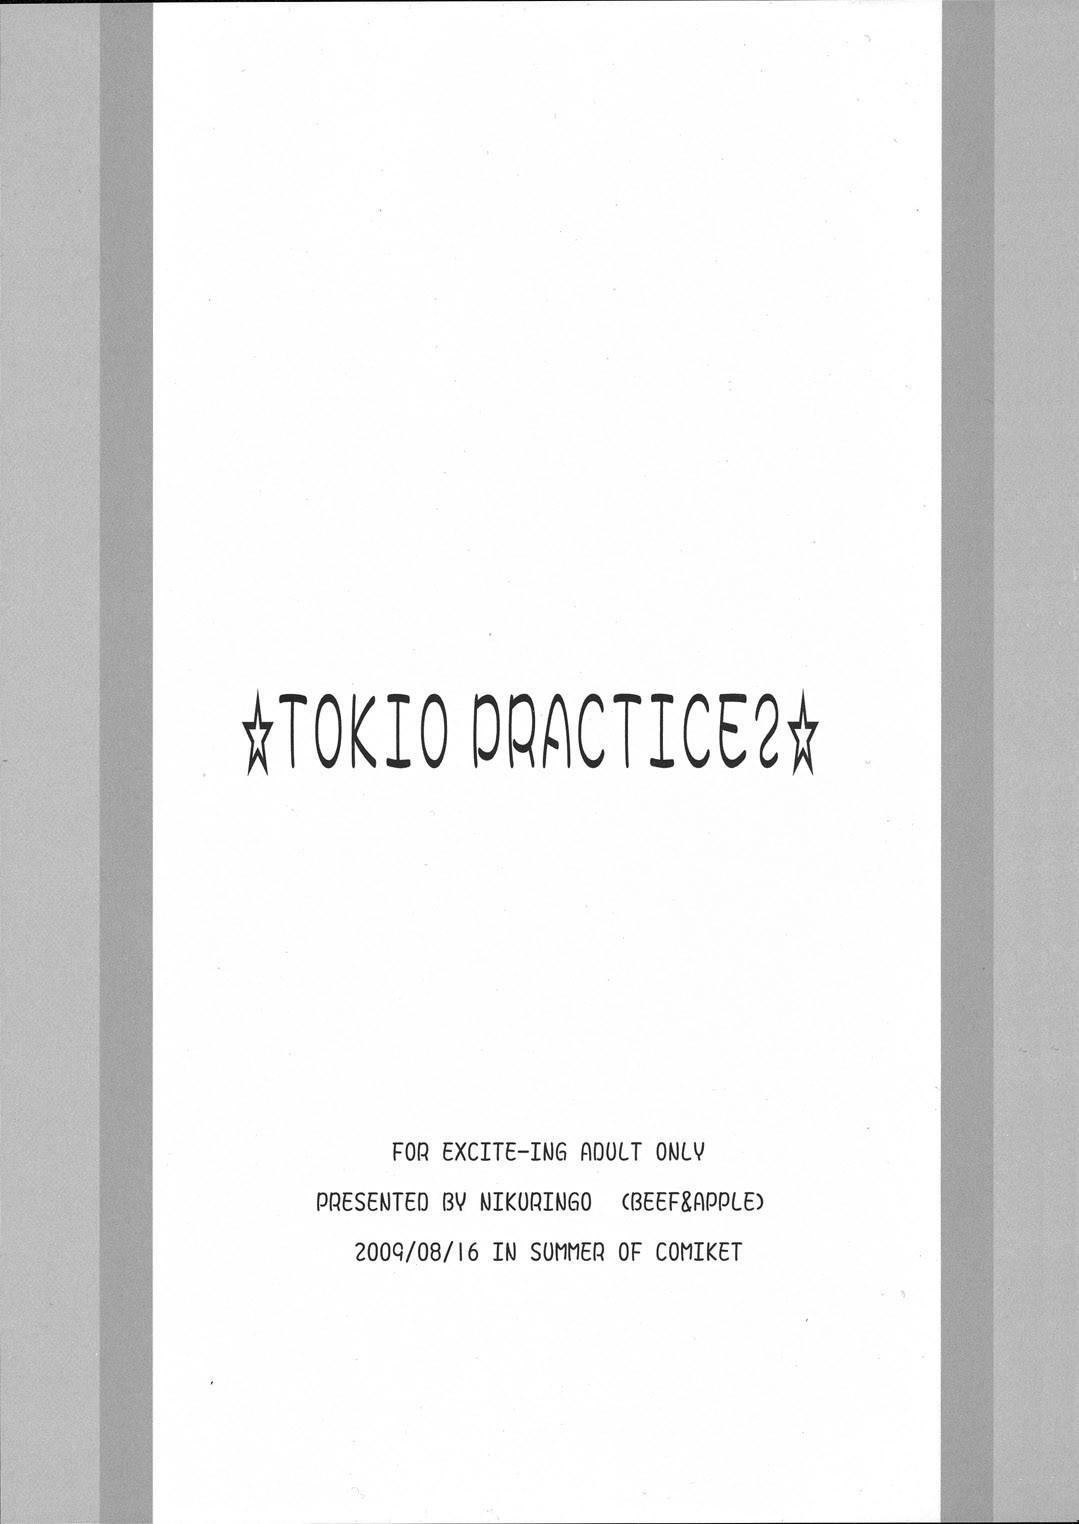 TOKYO PRACTICE 2 1